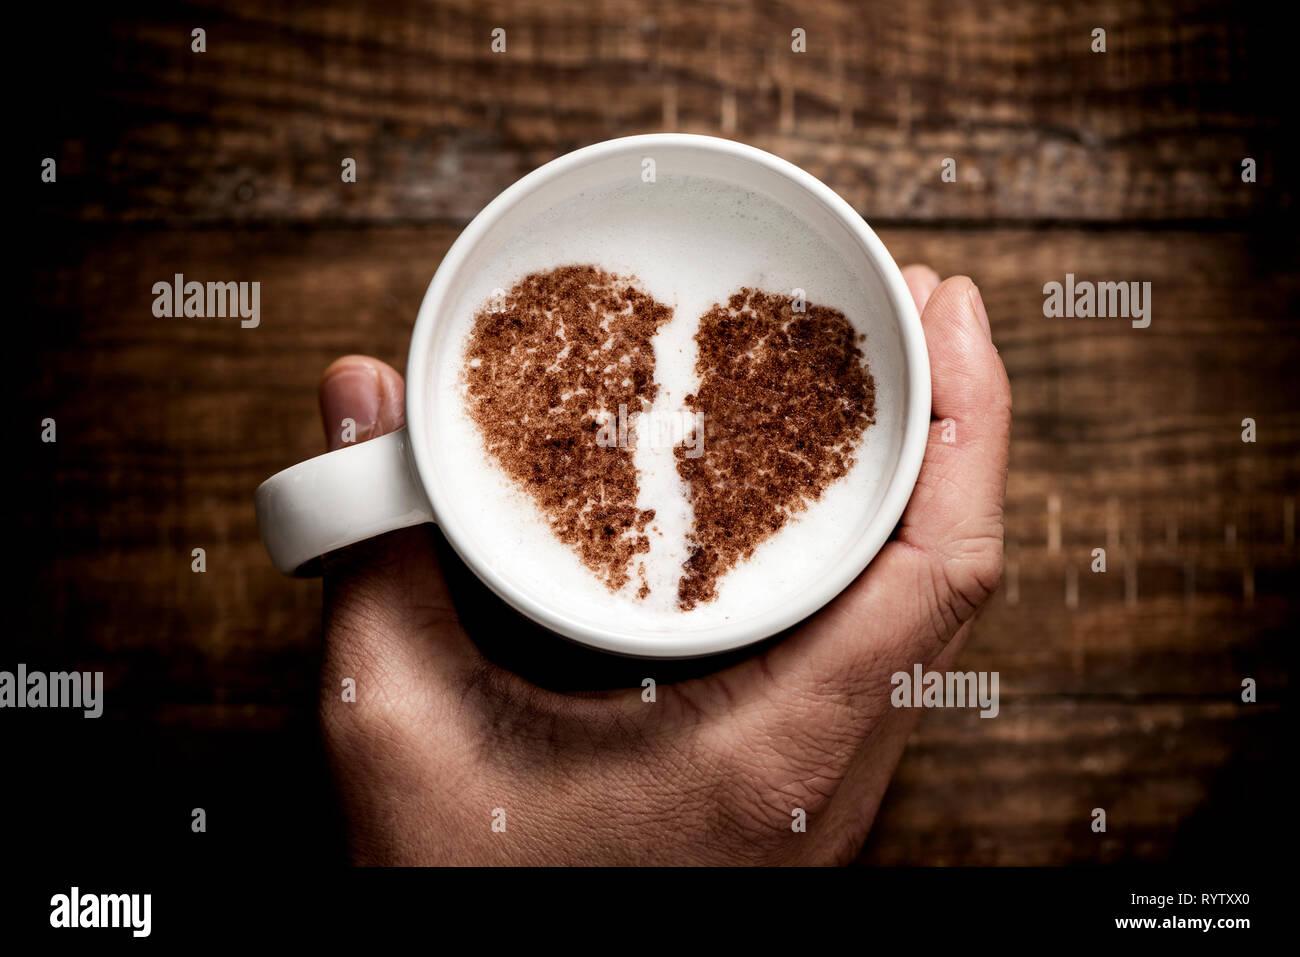 Un alto ángulo de visualización de un hombre caucásico sosteniendo una taza de cerámica blanca de capuchino, con el corazón roto dibujado con cacao en polvo sobre la espuma de leche, en un rusti Imagen De Stock